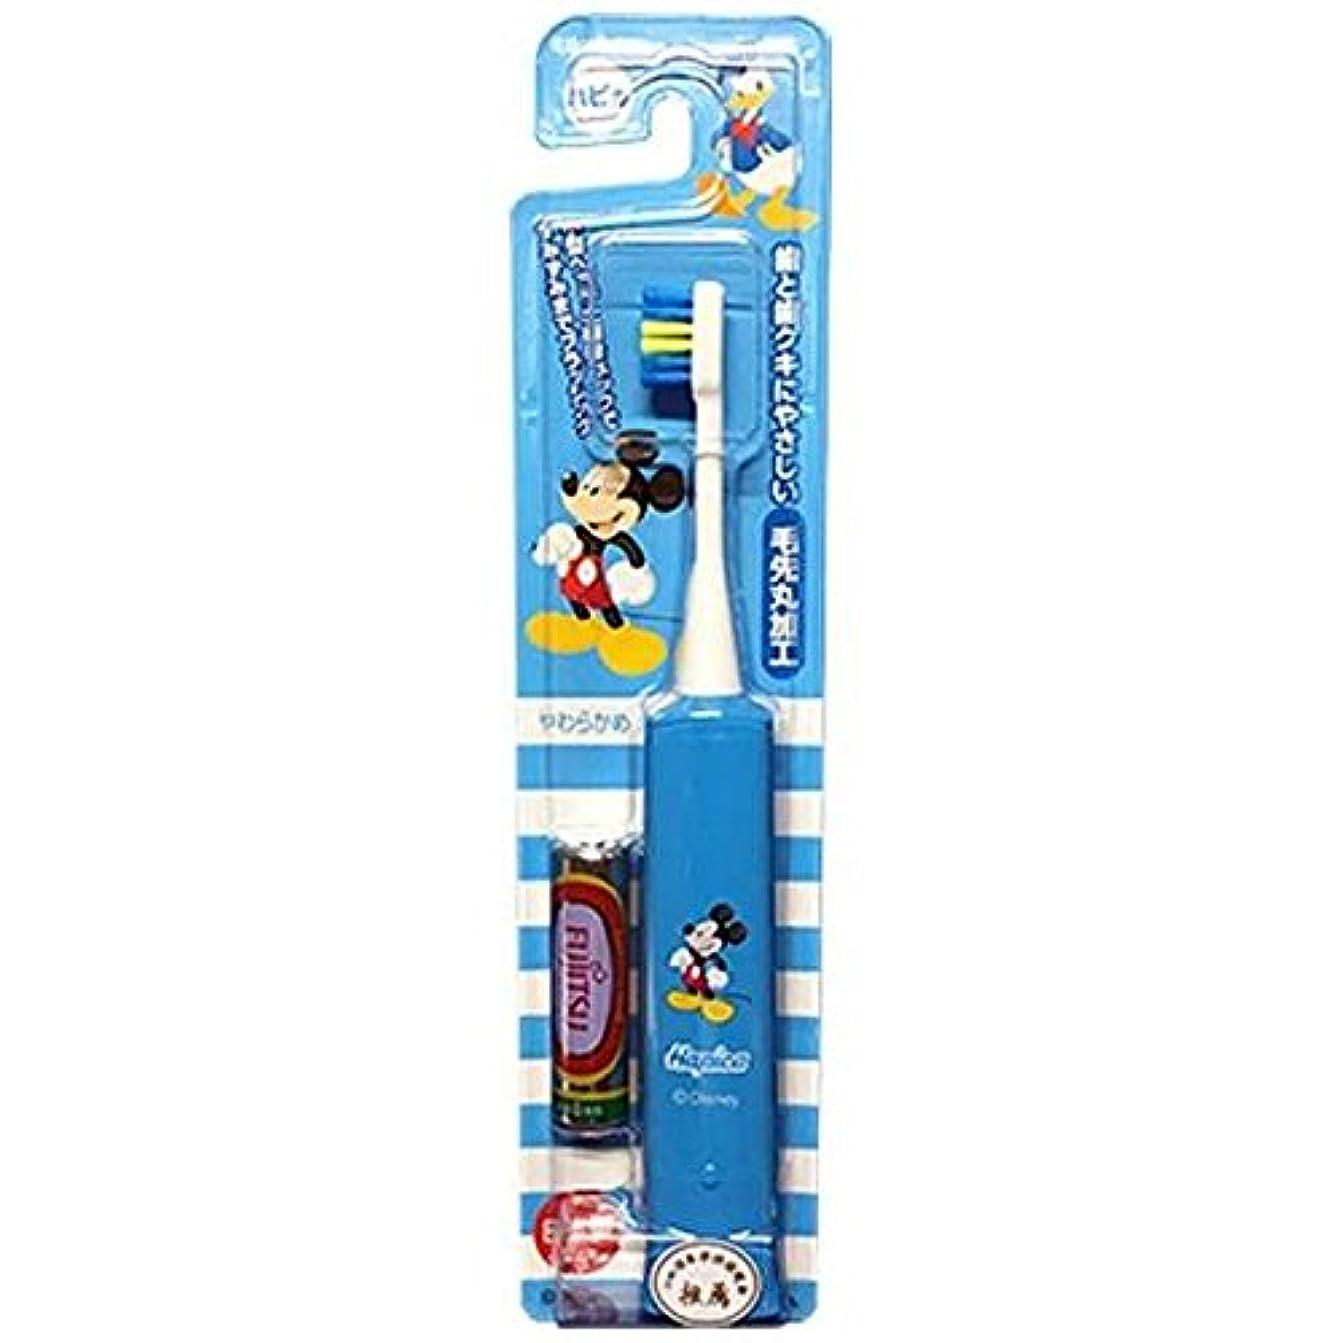 朝カスケード謙虚なミニマム 電動付歯ブラシ こどもハピカ ミッキー(ブルー) 毛の硬さ:やわらかめ DBK-5B(MK)